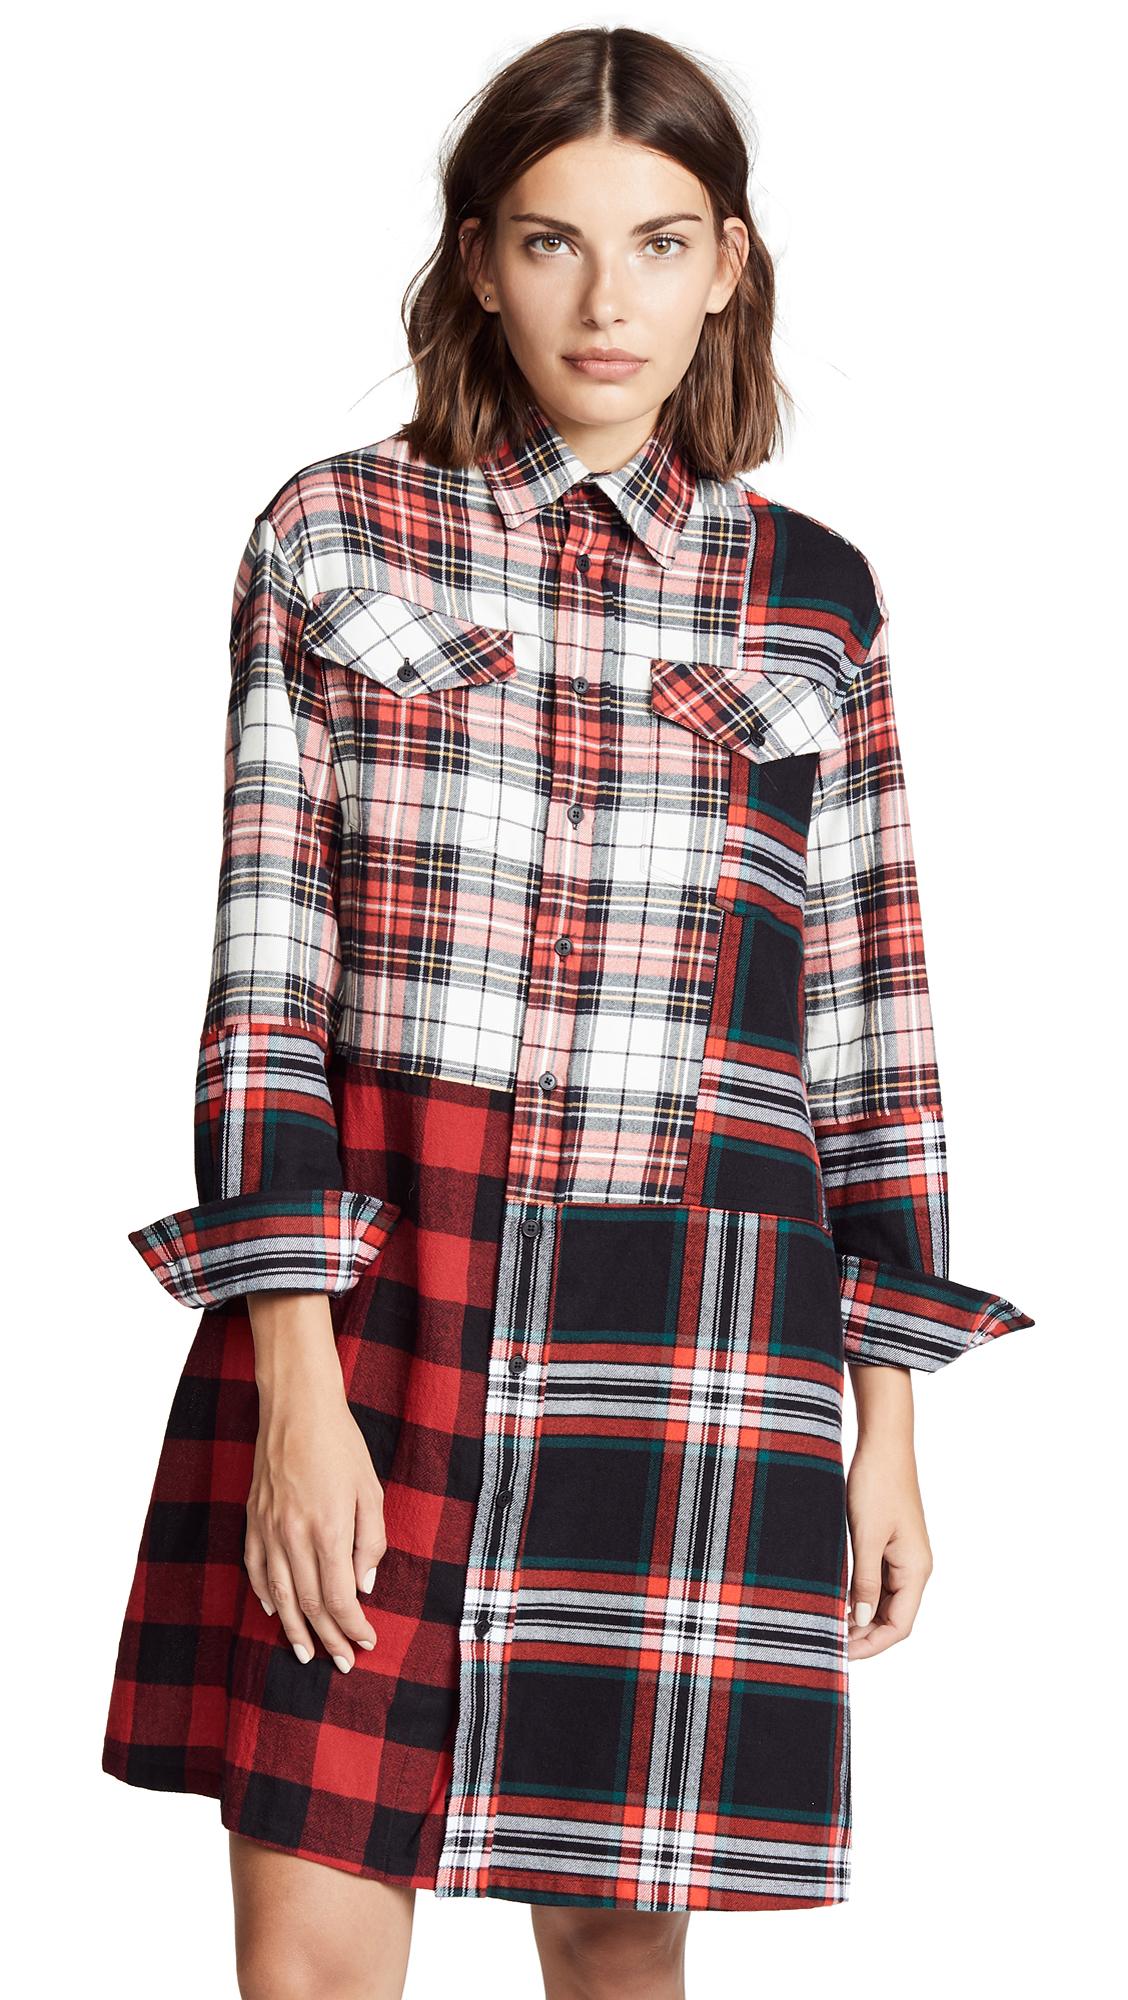 McQ – Alexander McQueen Patched Tartan Shirt Dress